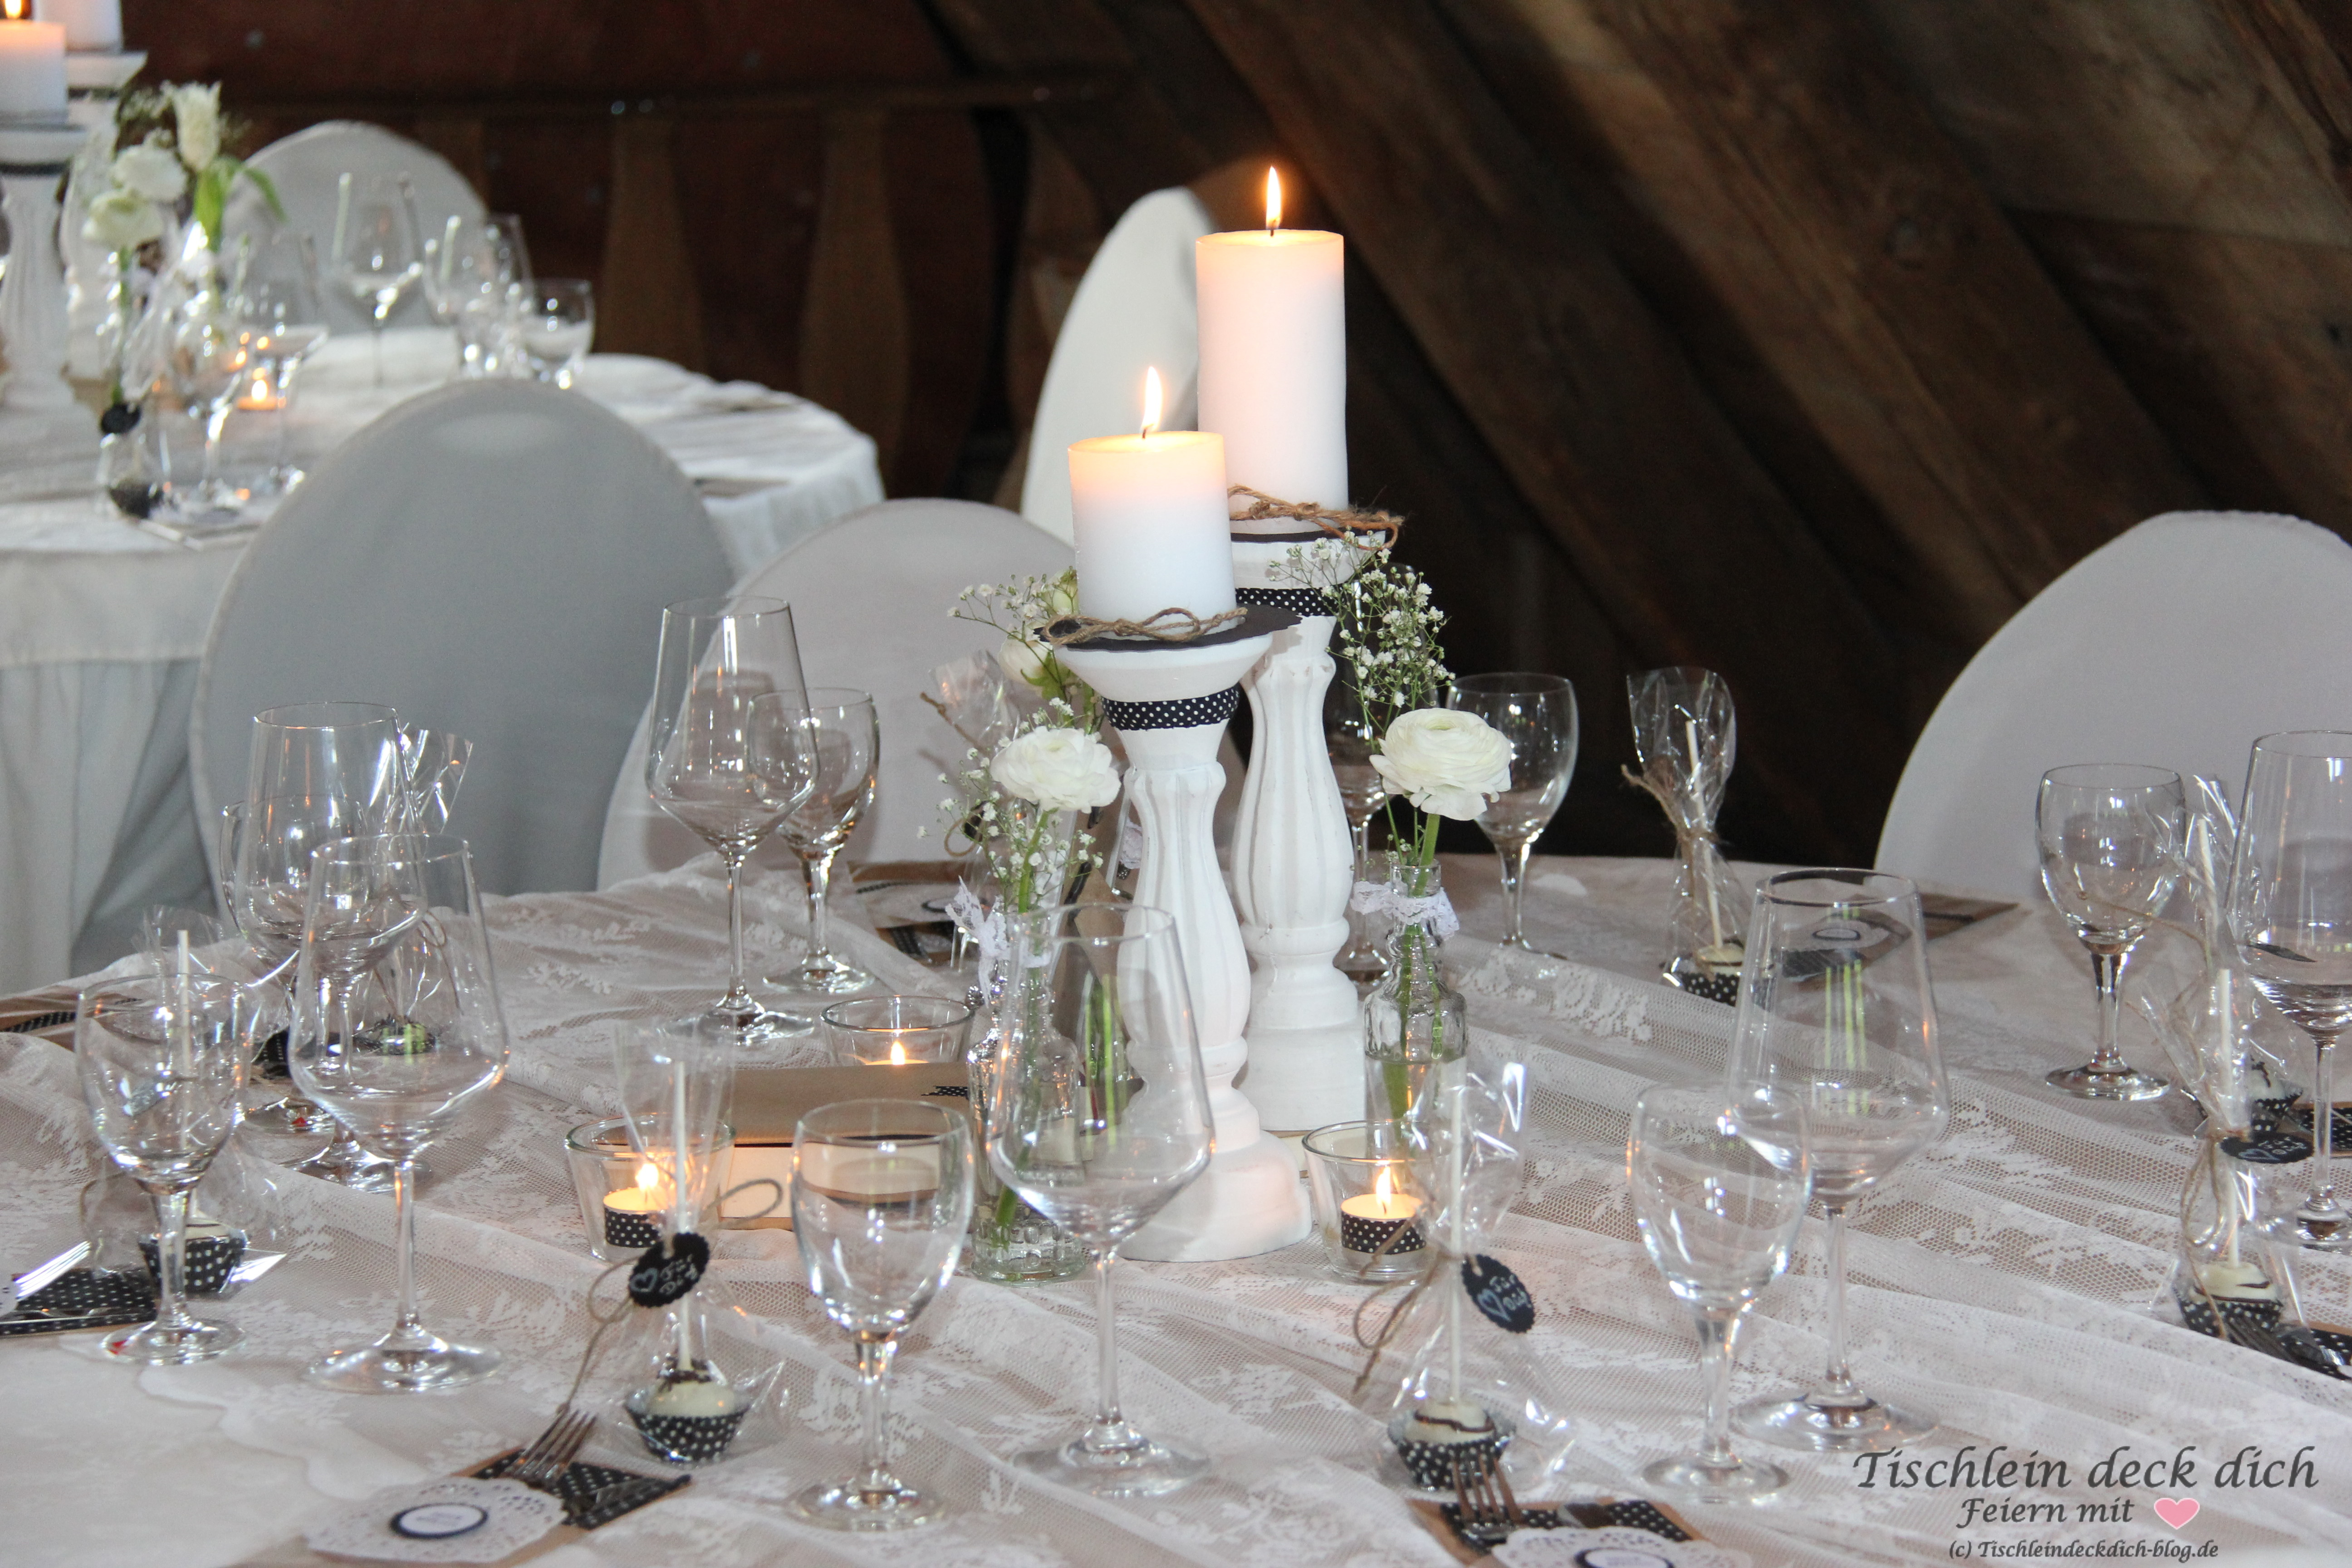 Tischdekoration zum 50. Geburtstag Black and White Party